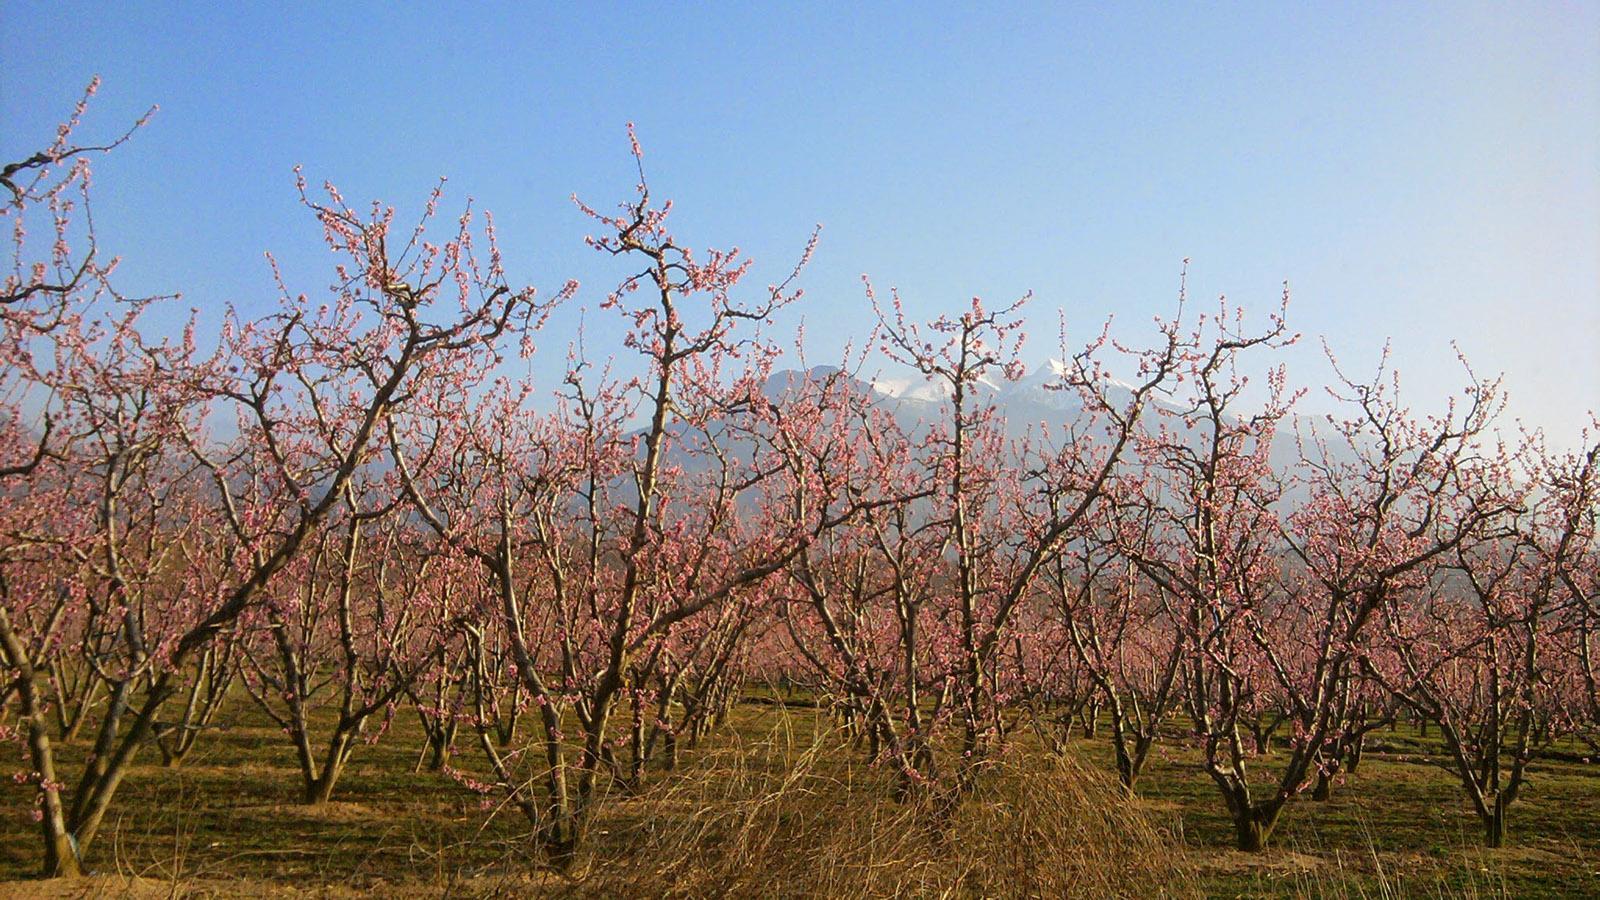 Aprikosenblüte bei Rivesaltes. Foto: Joseph Raynal